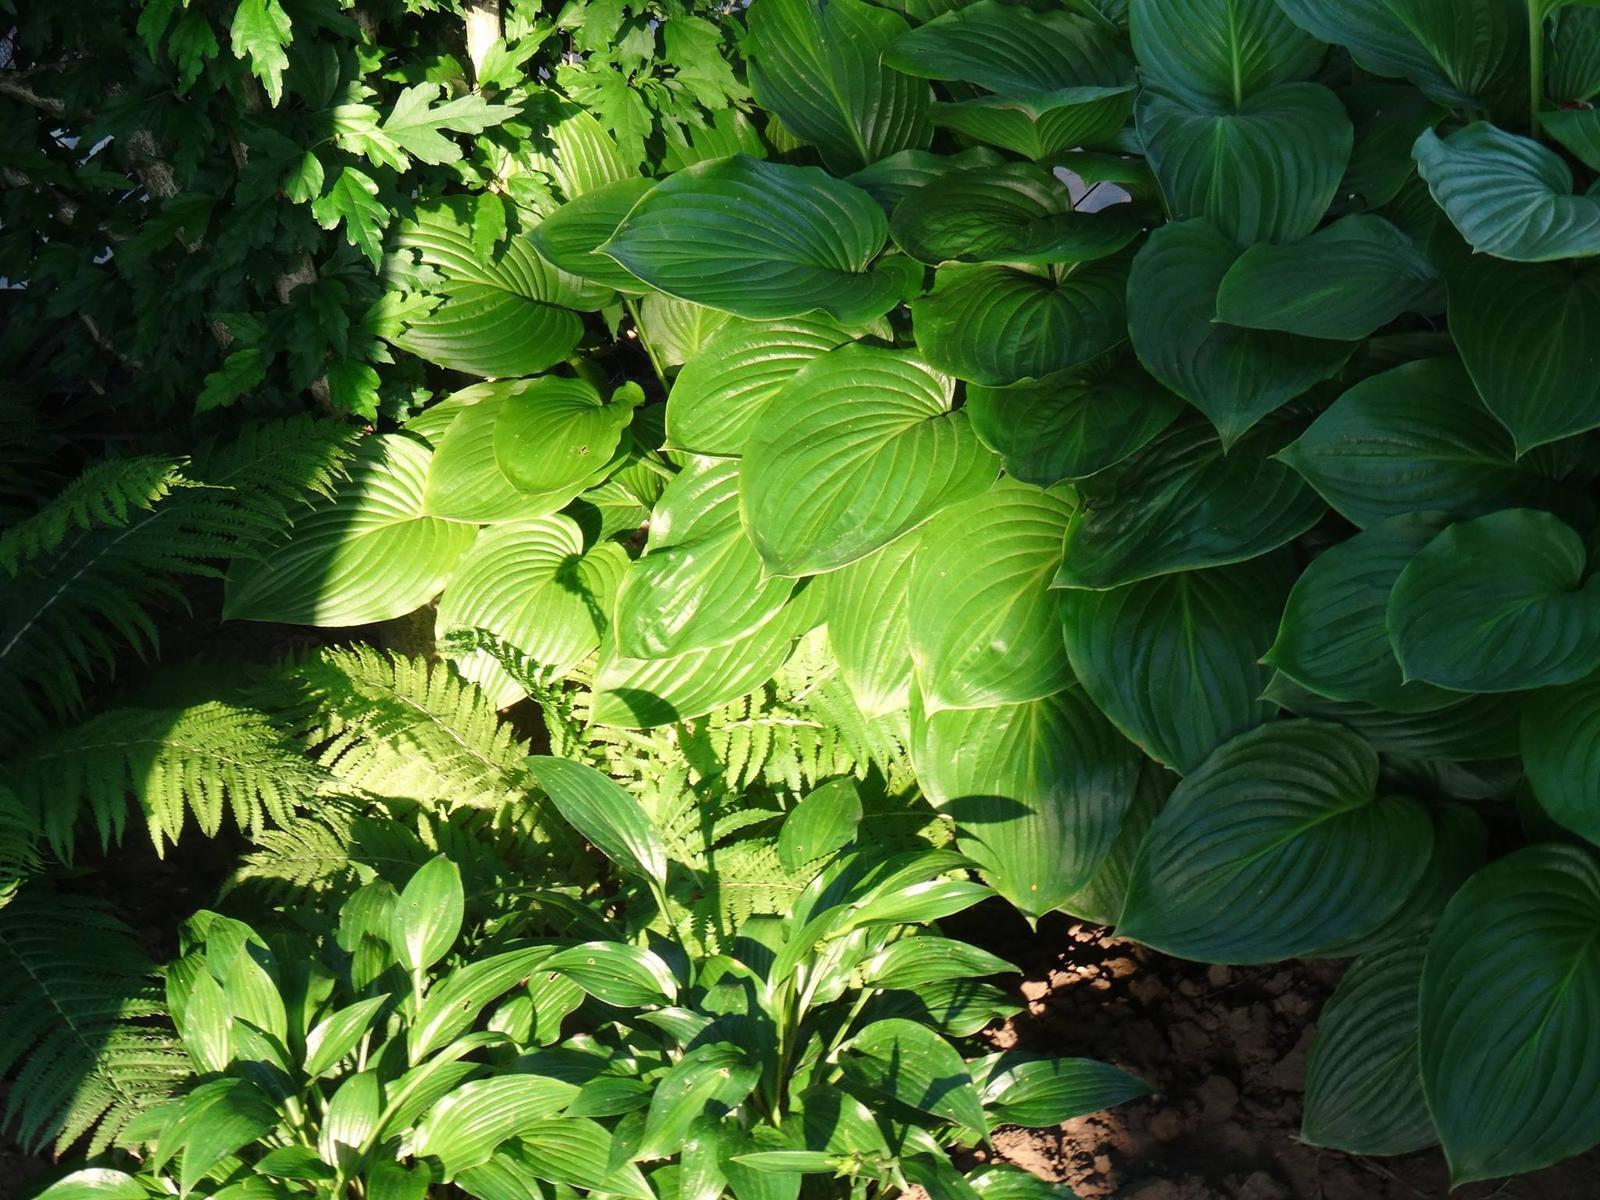 Niečo z našej záhradky - Obrázok č. 5